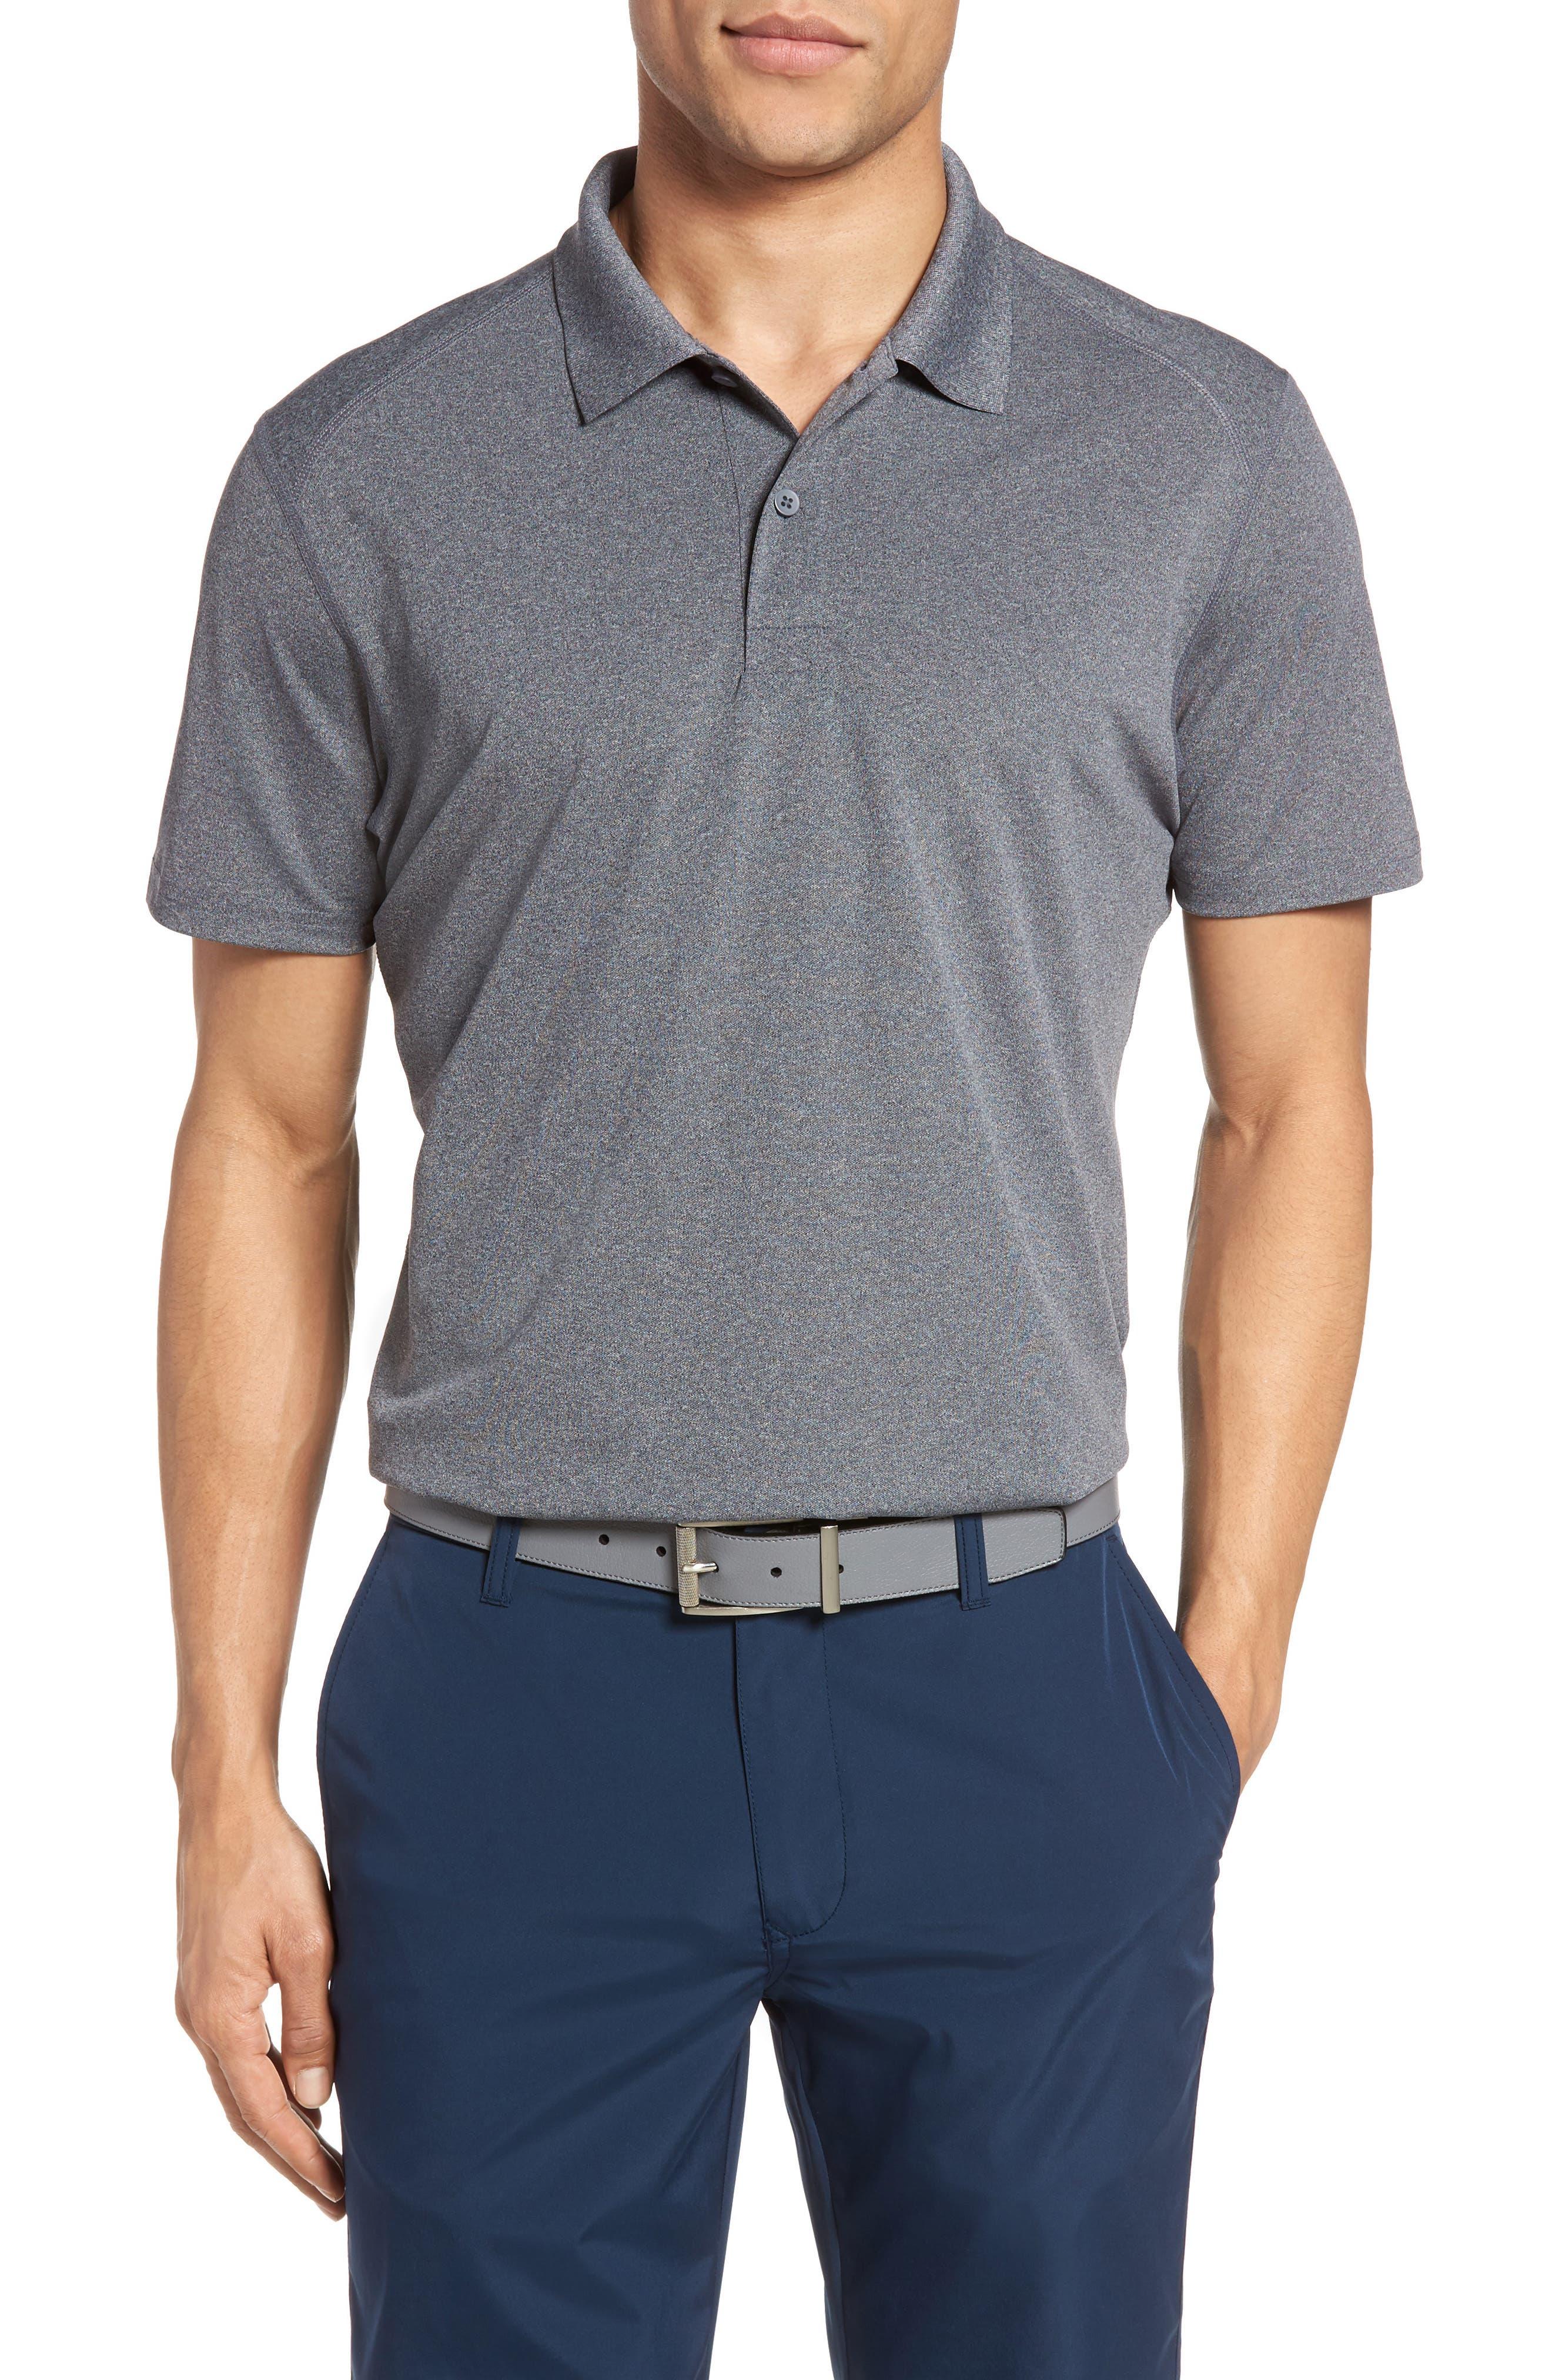 Bonobos M-Flex Flatiron Slim Fit Golf Polo, Grey